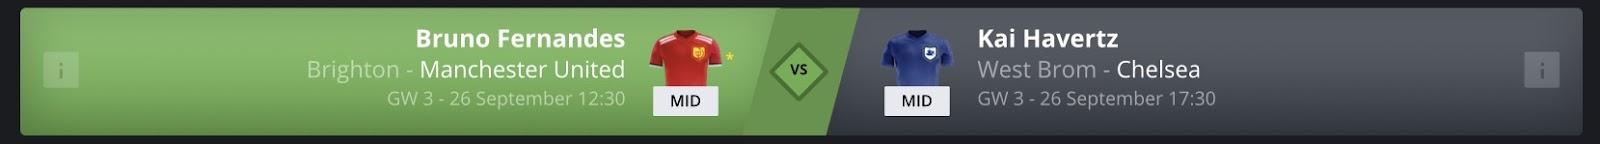 Gameweek 3 FanTeam Player Matchups